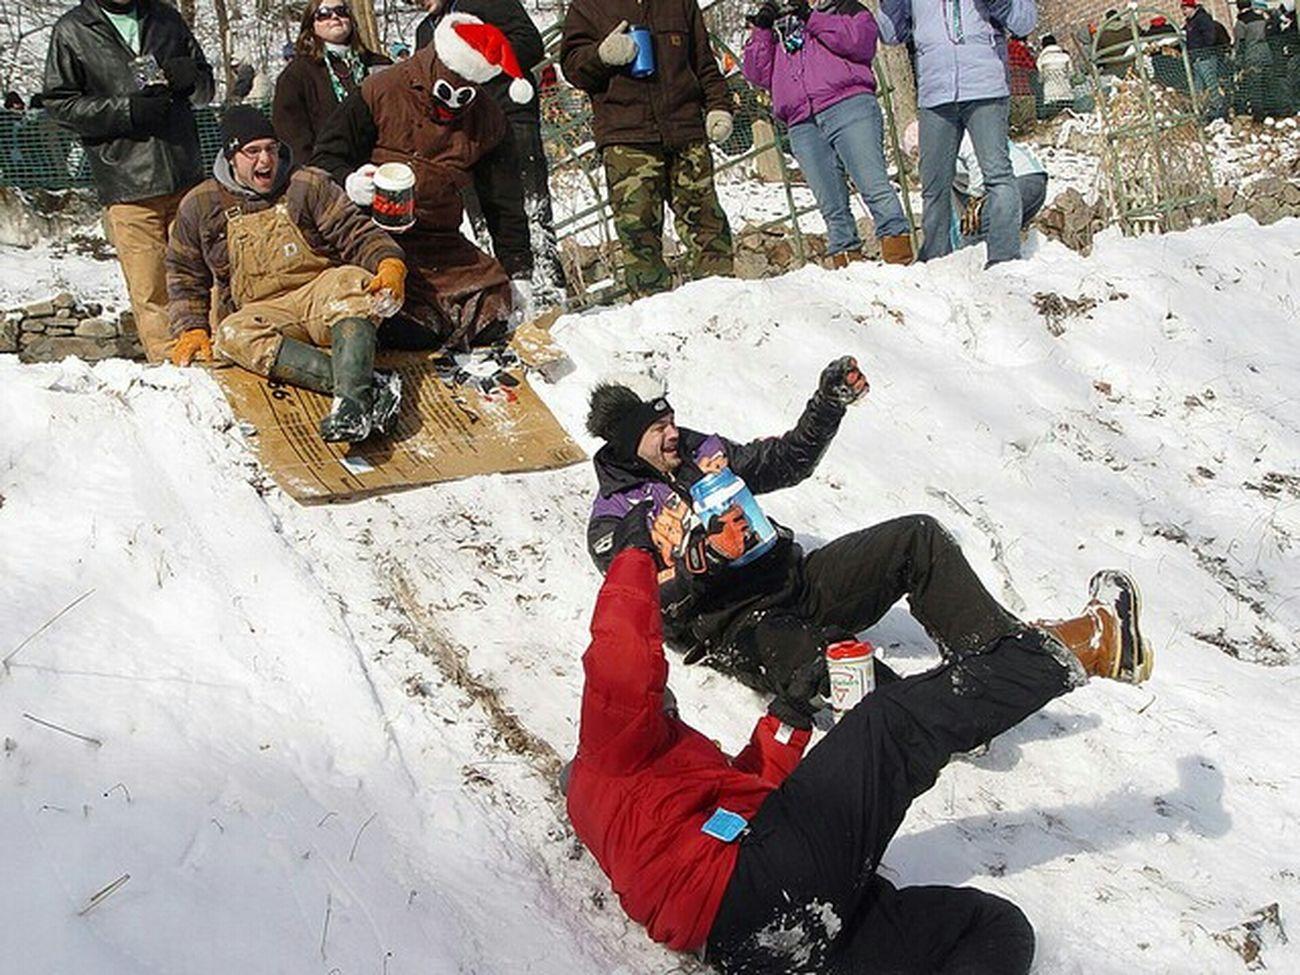 First Snow United States Snow White Enjoying The Snow Snowpocalypse